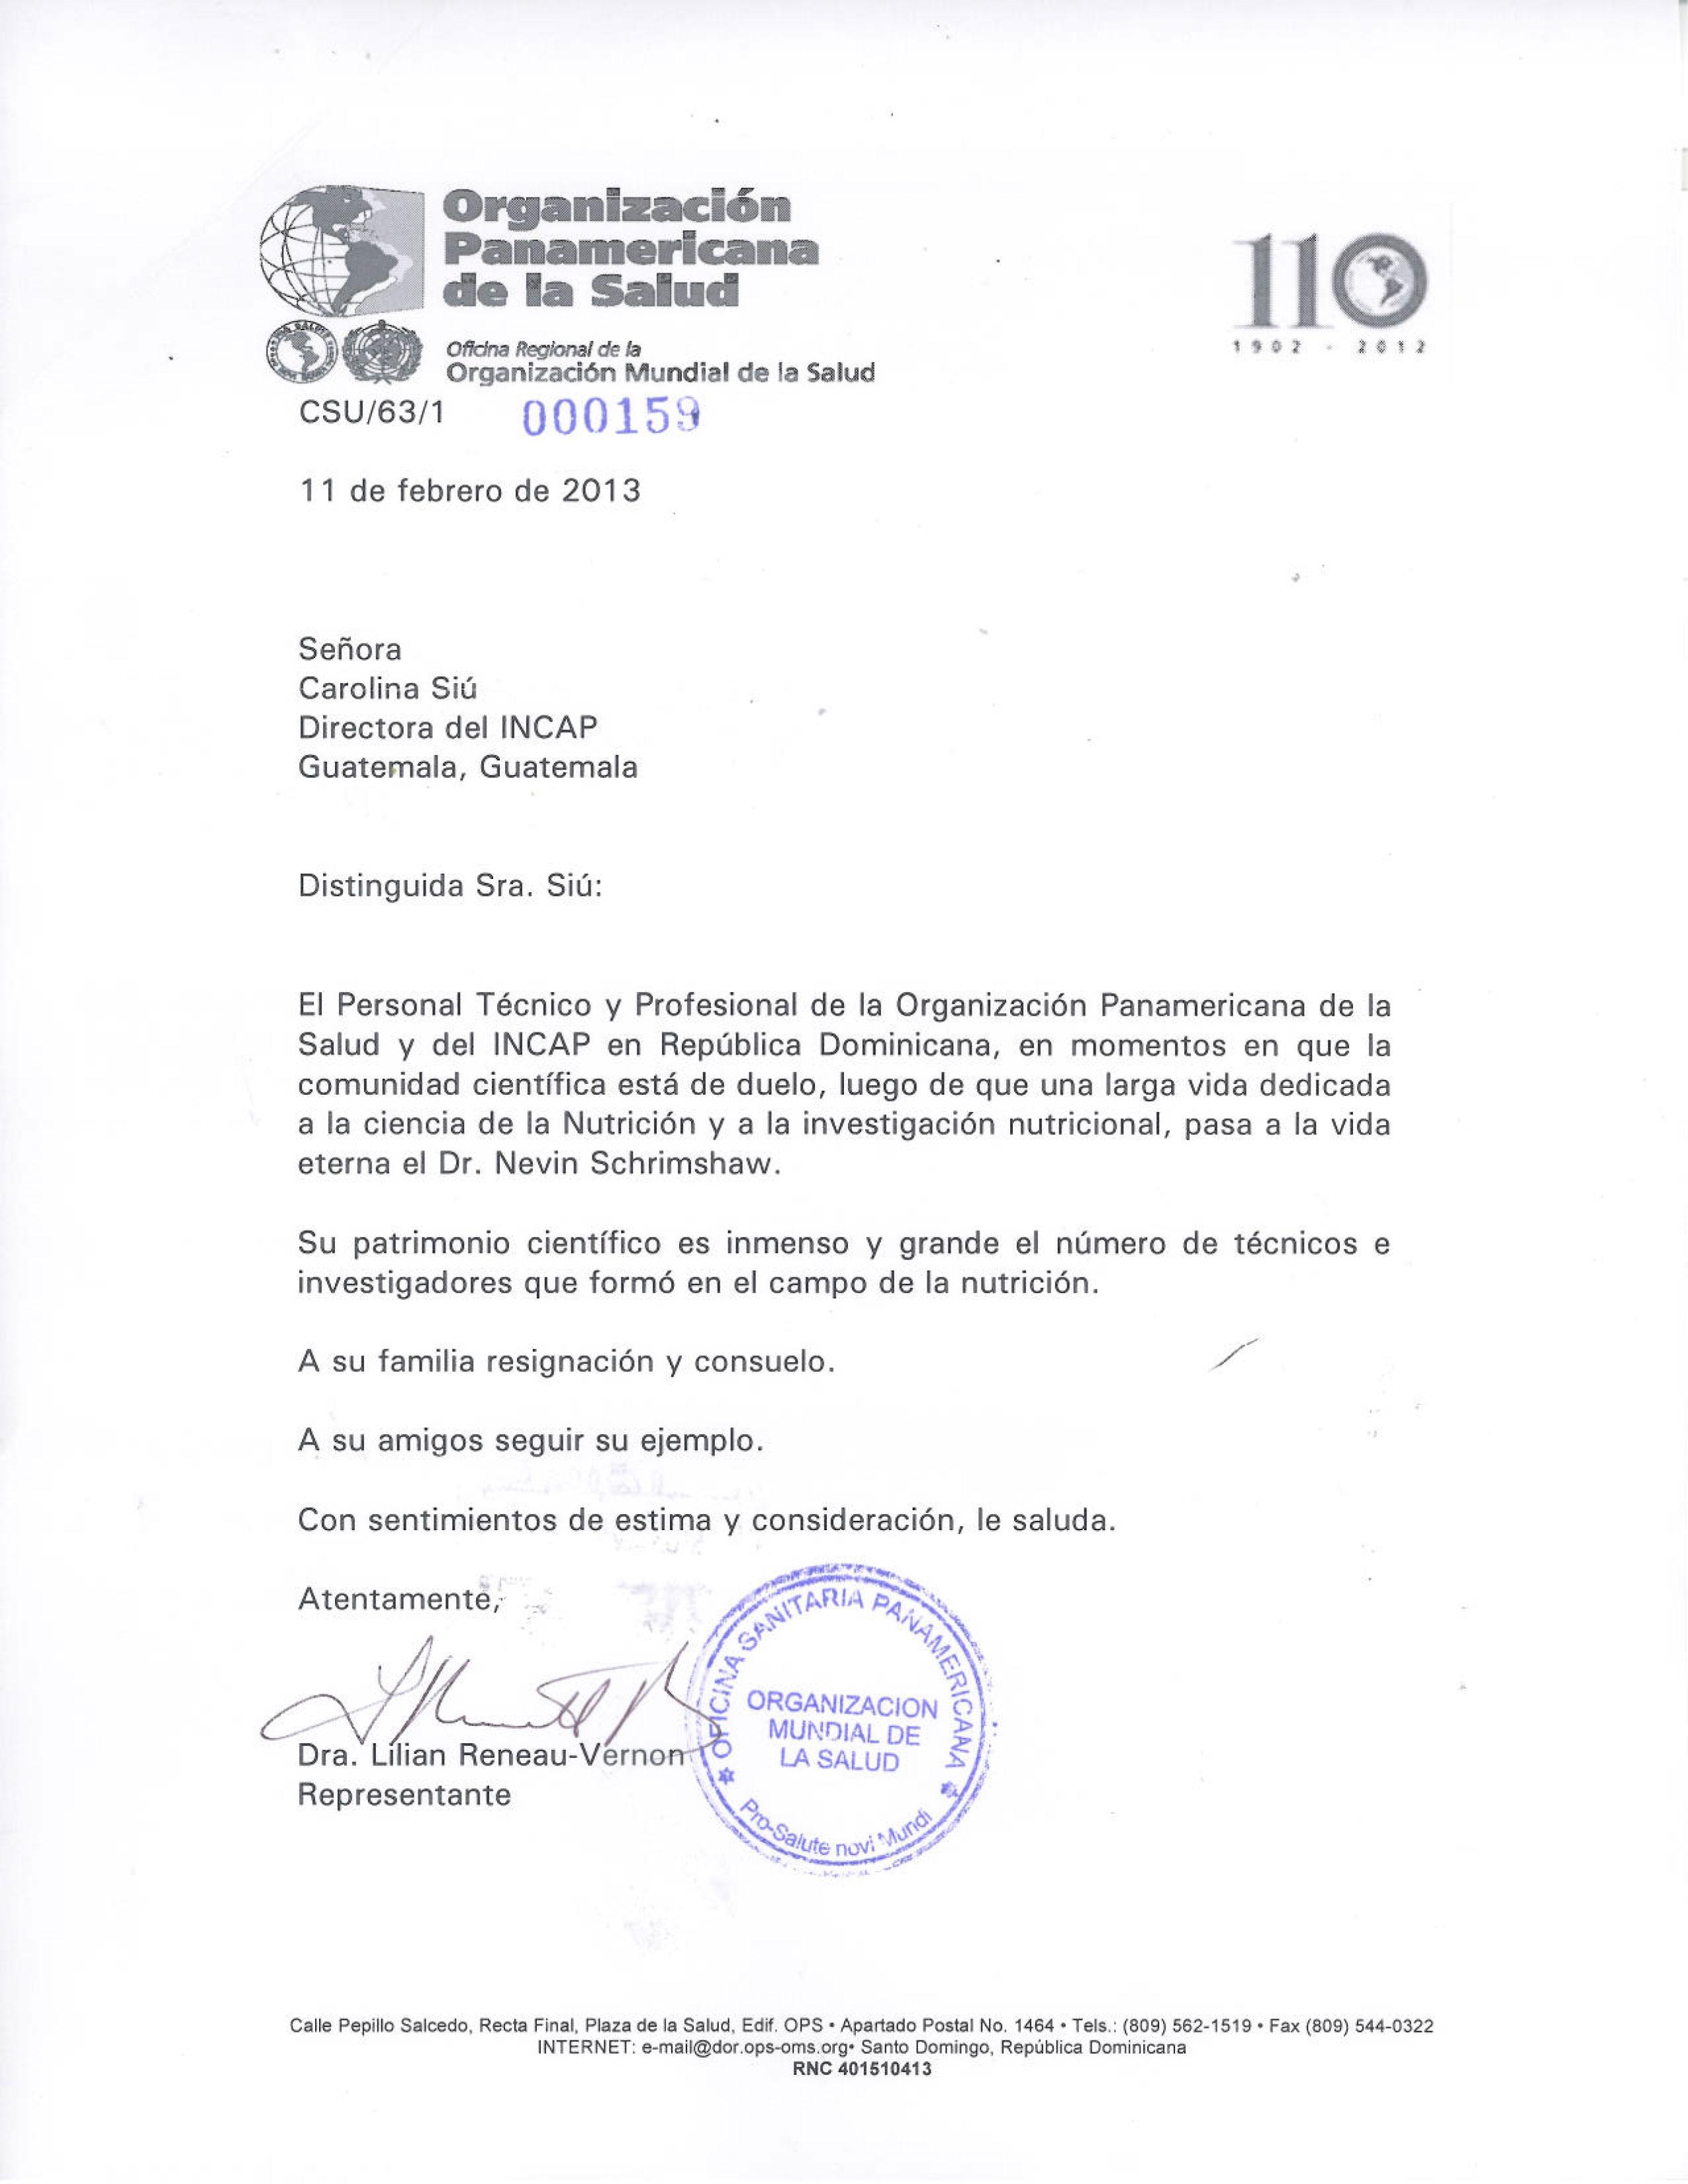 Carta De Representacion Funfndroid